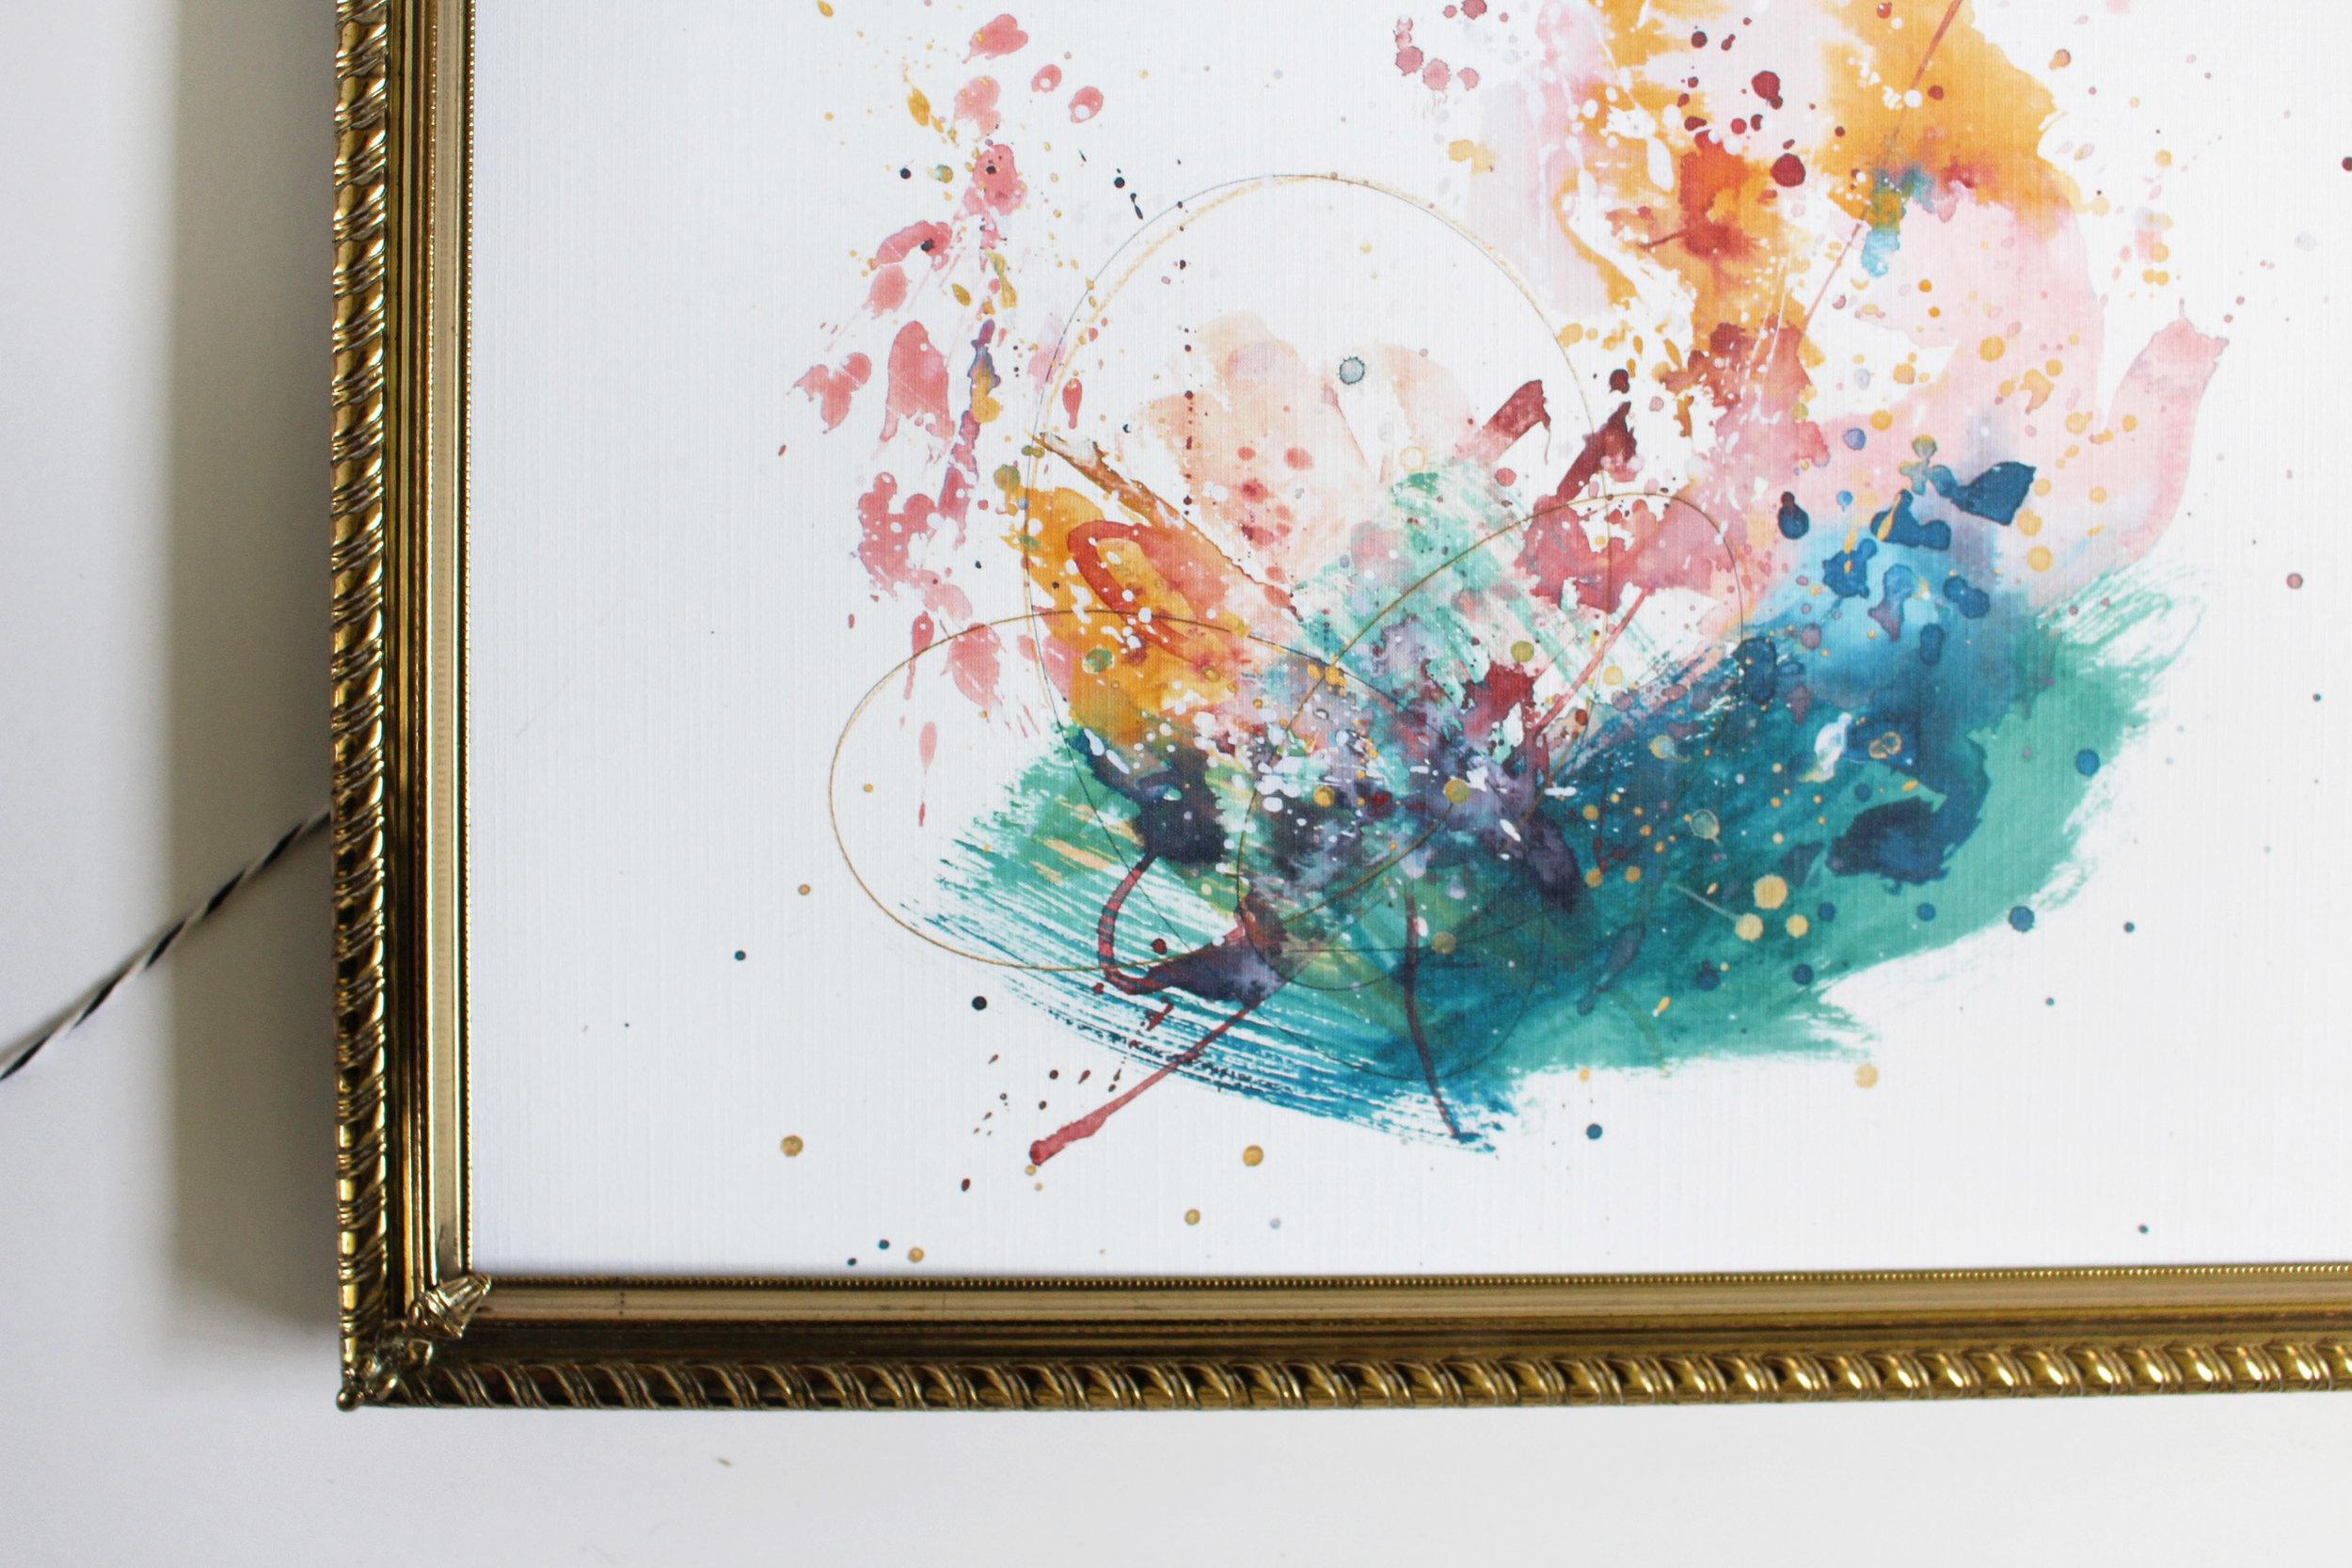 Sparks_8x10 print_Kendra Castillo.3.jpg